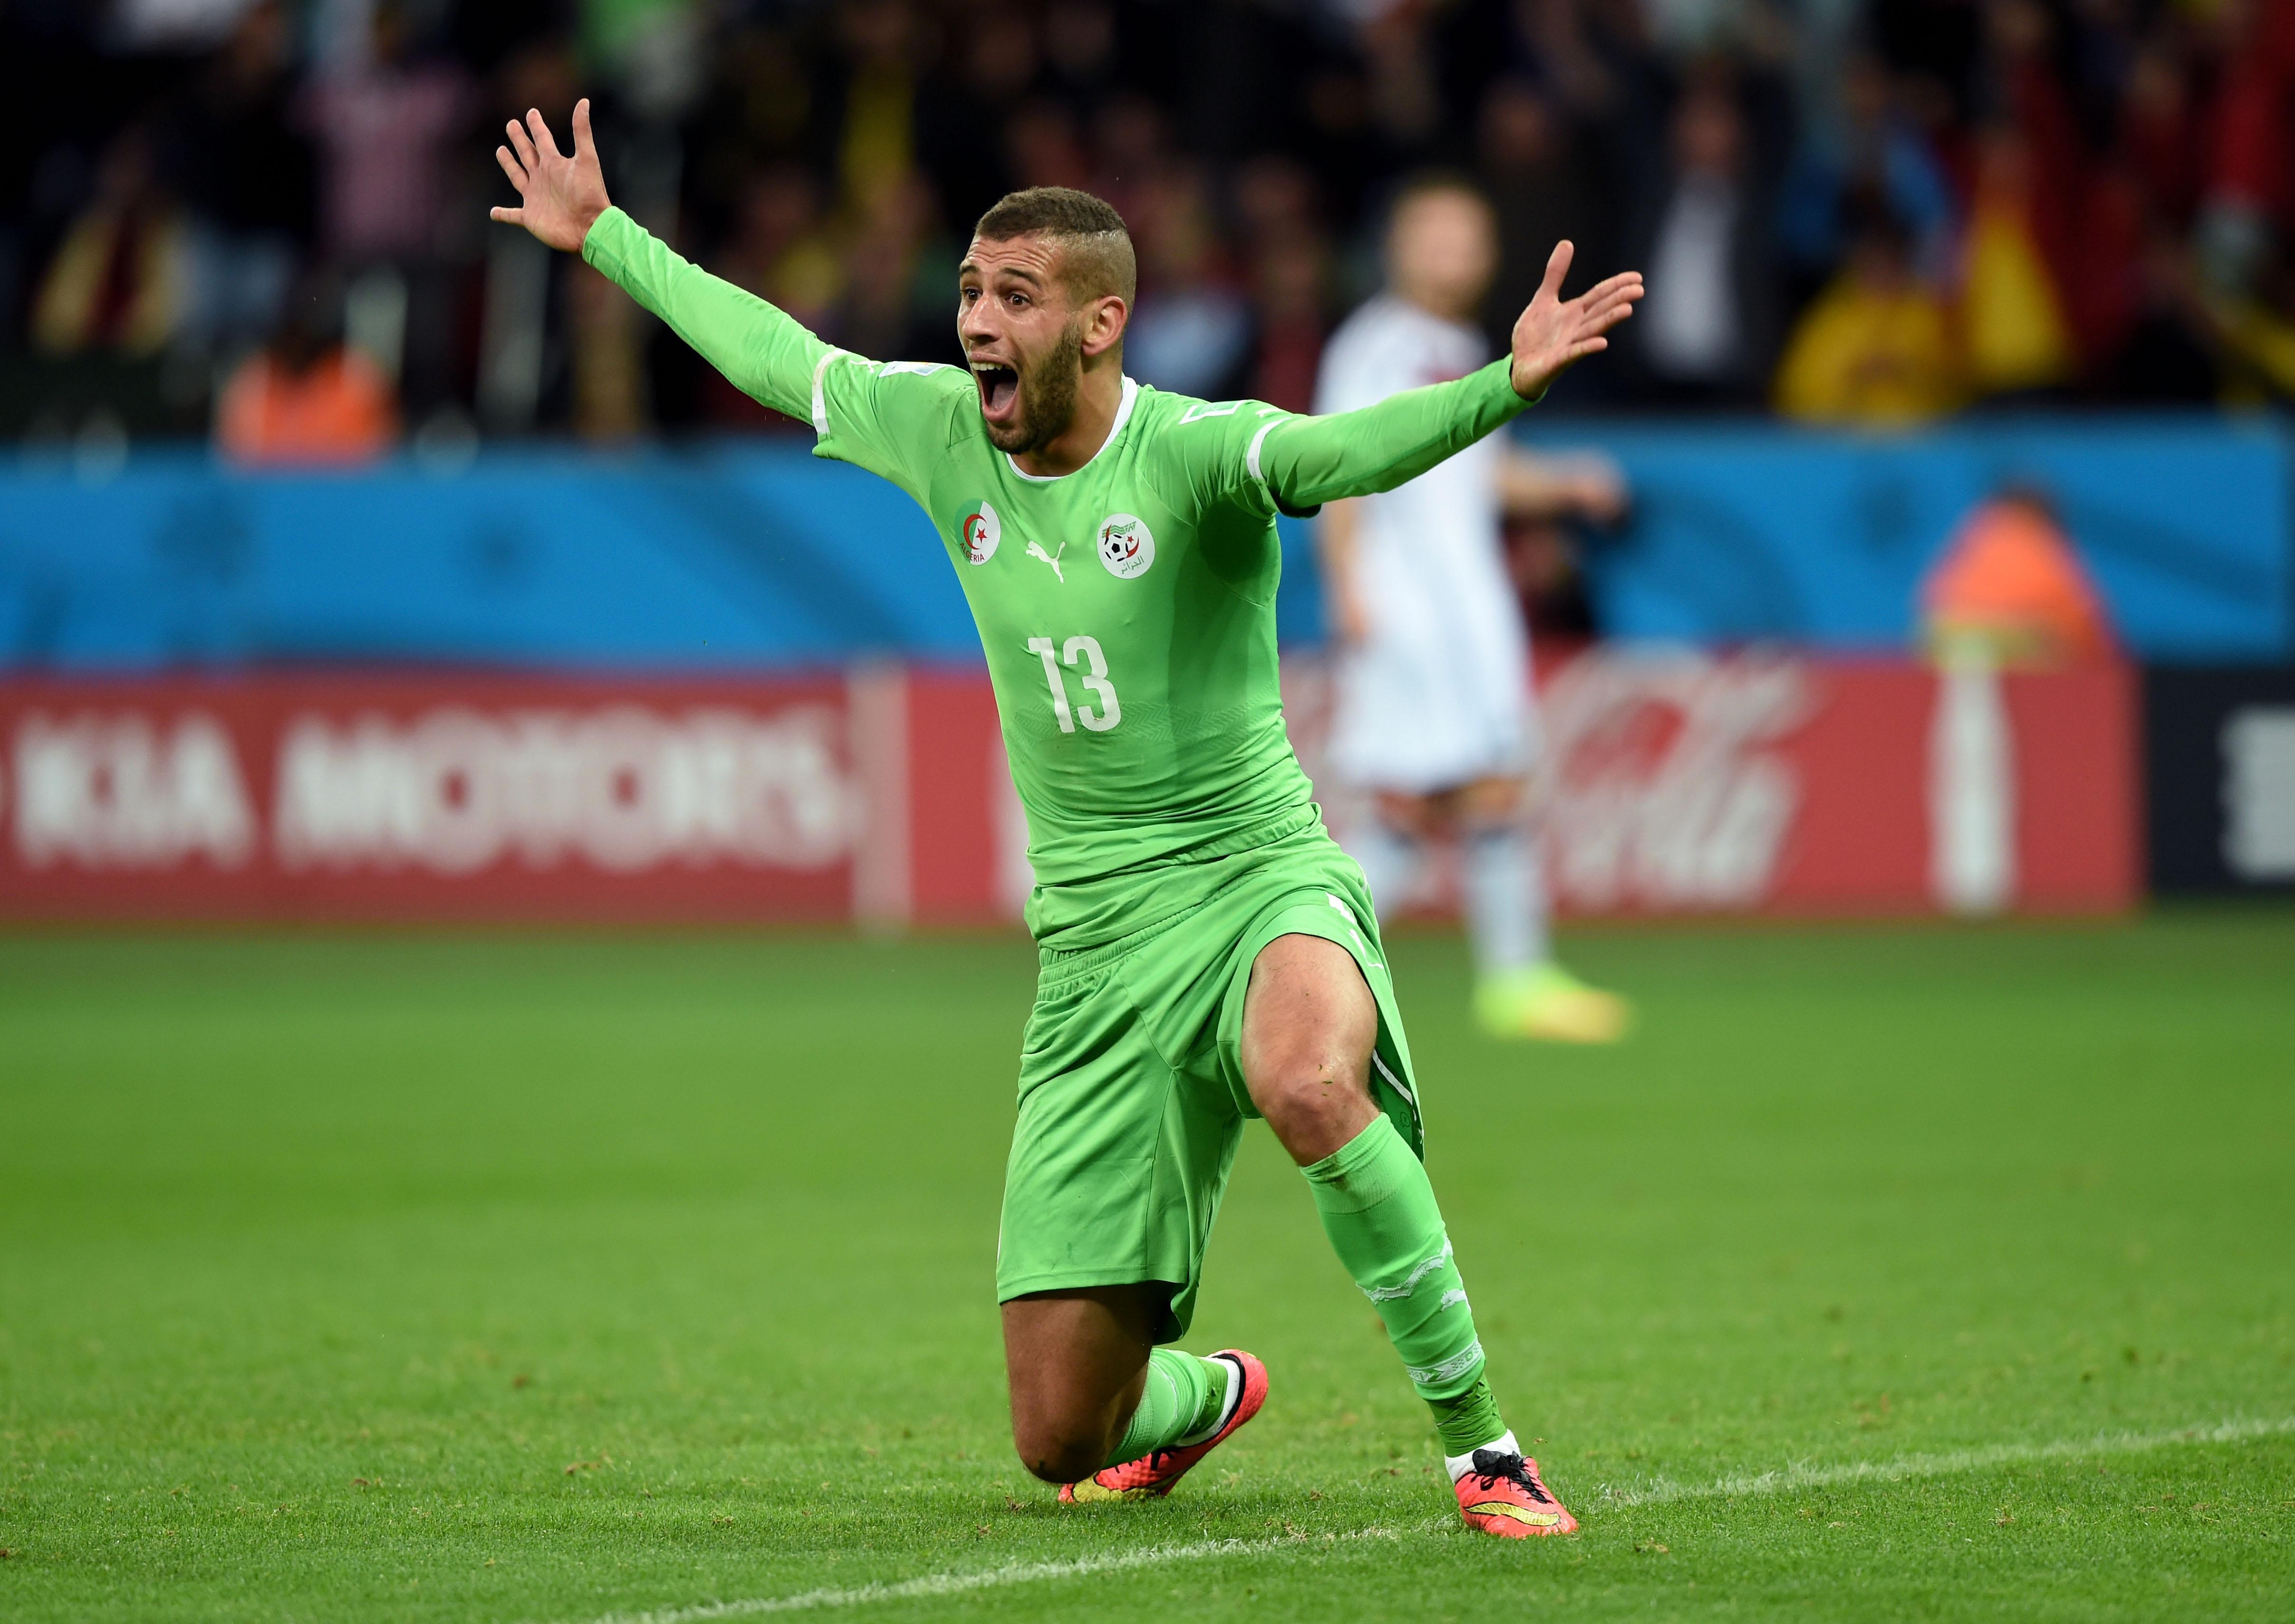 Германия - Алжир. 5 ответов матча - изображение 2